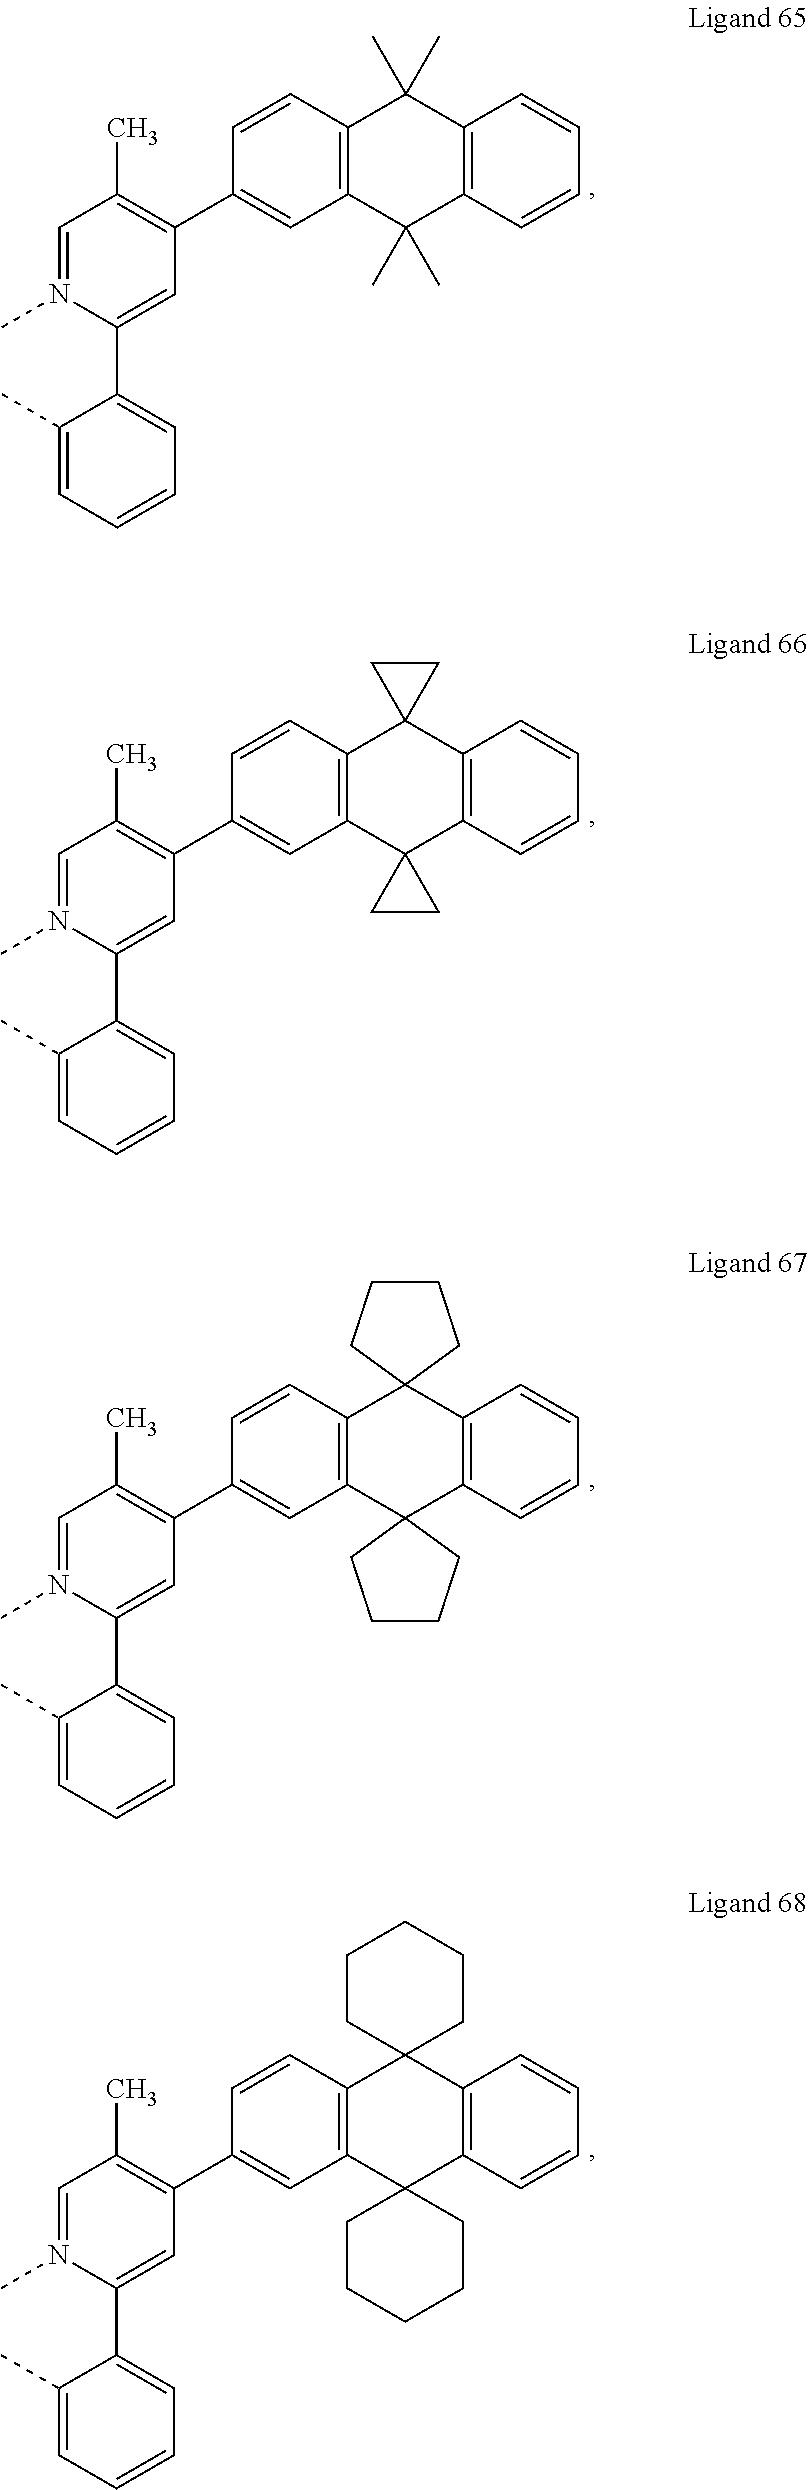 Figure US20180130962A1-20180510-C00046